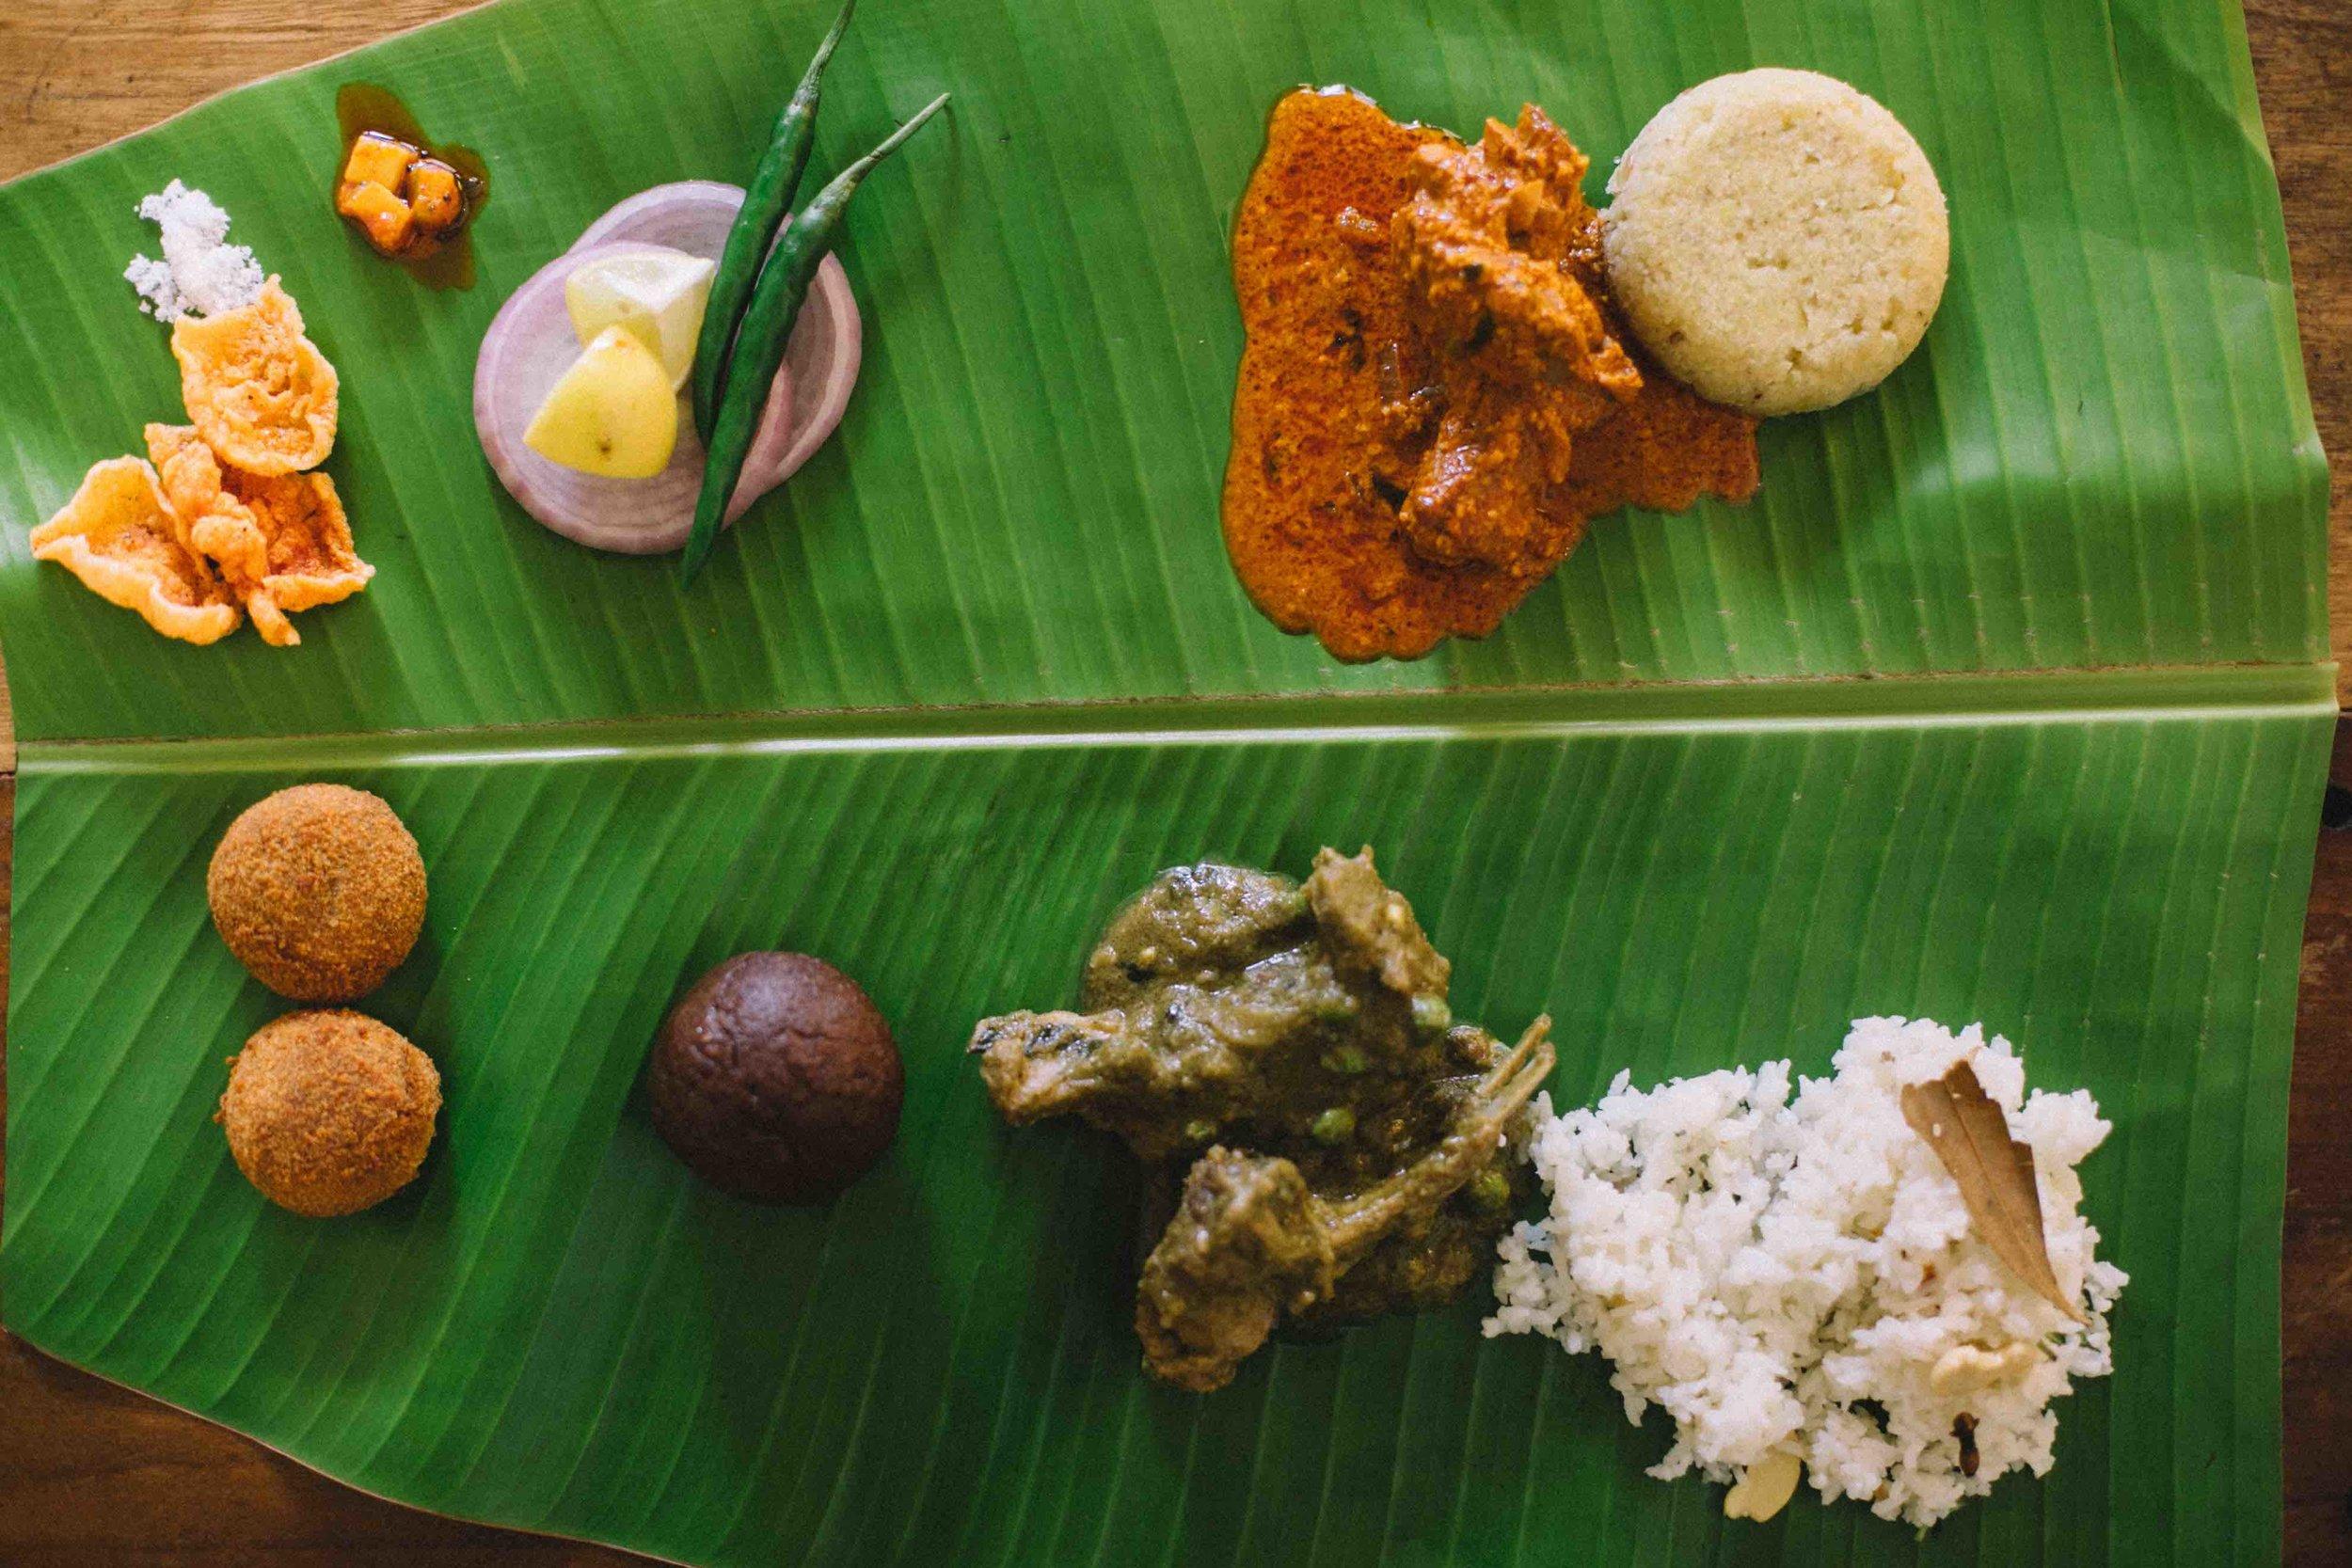 Banana leaf thali meal, Gowda style, Bengaluru Oota Company